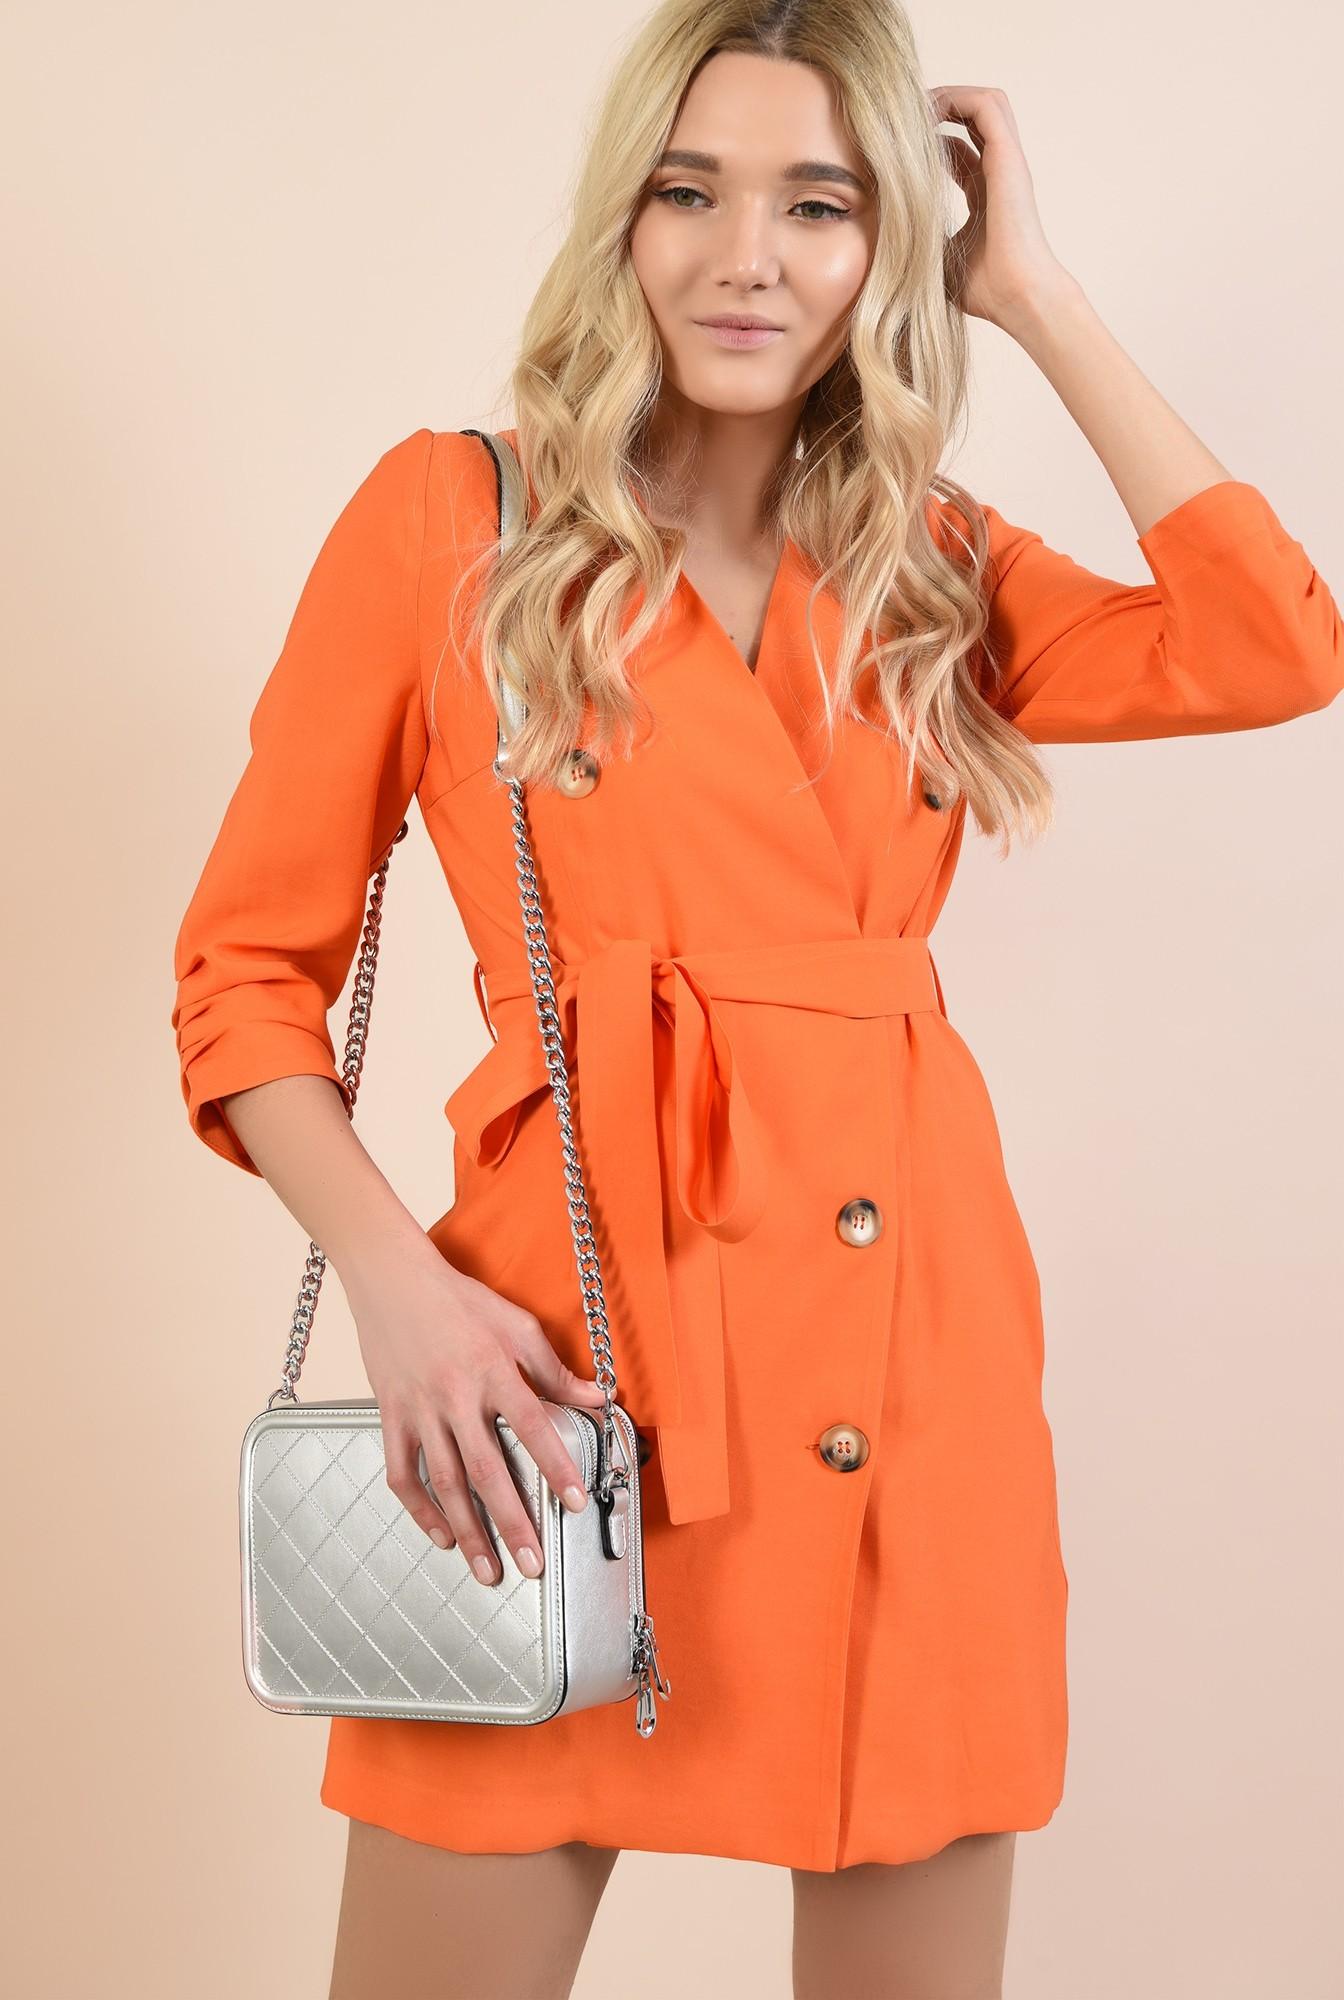 2 - 360 - rochie orange, casual, scurta, cu buzunare, fronseuri la maneci, cu nasturi